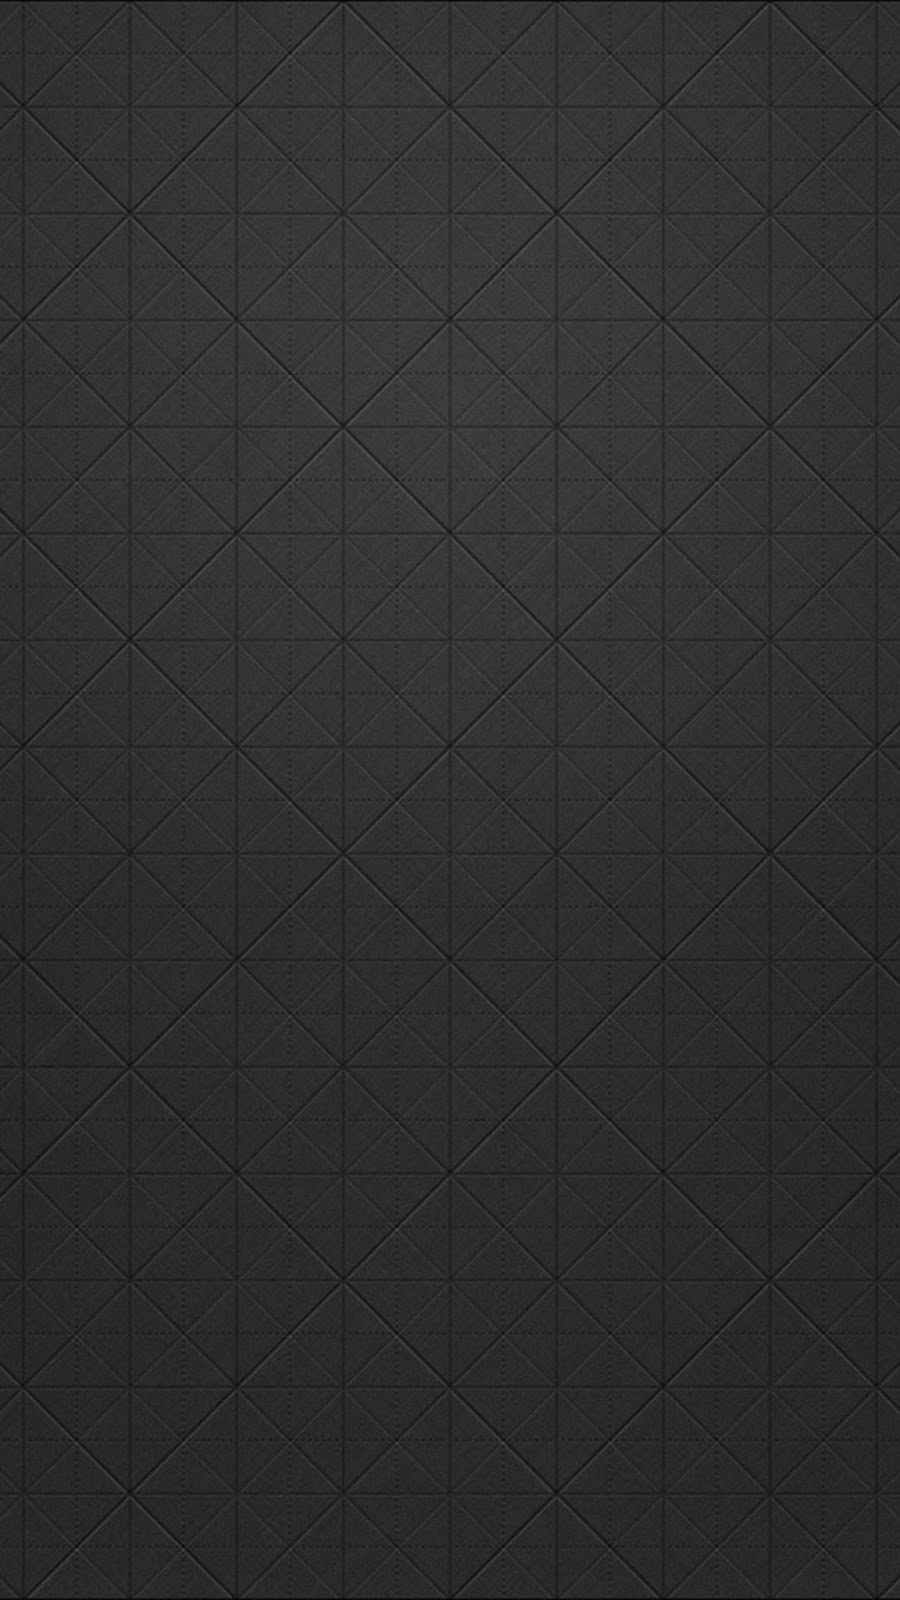 www hdwalls xyz 1440x2560 wallpaper hd walls find wallpapers 900 x 900x1600